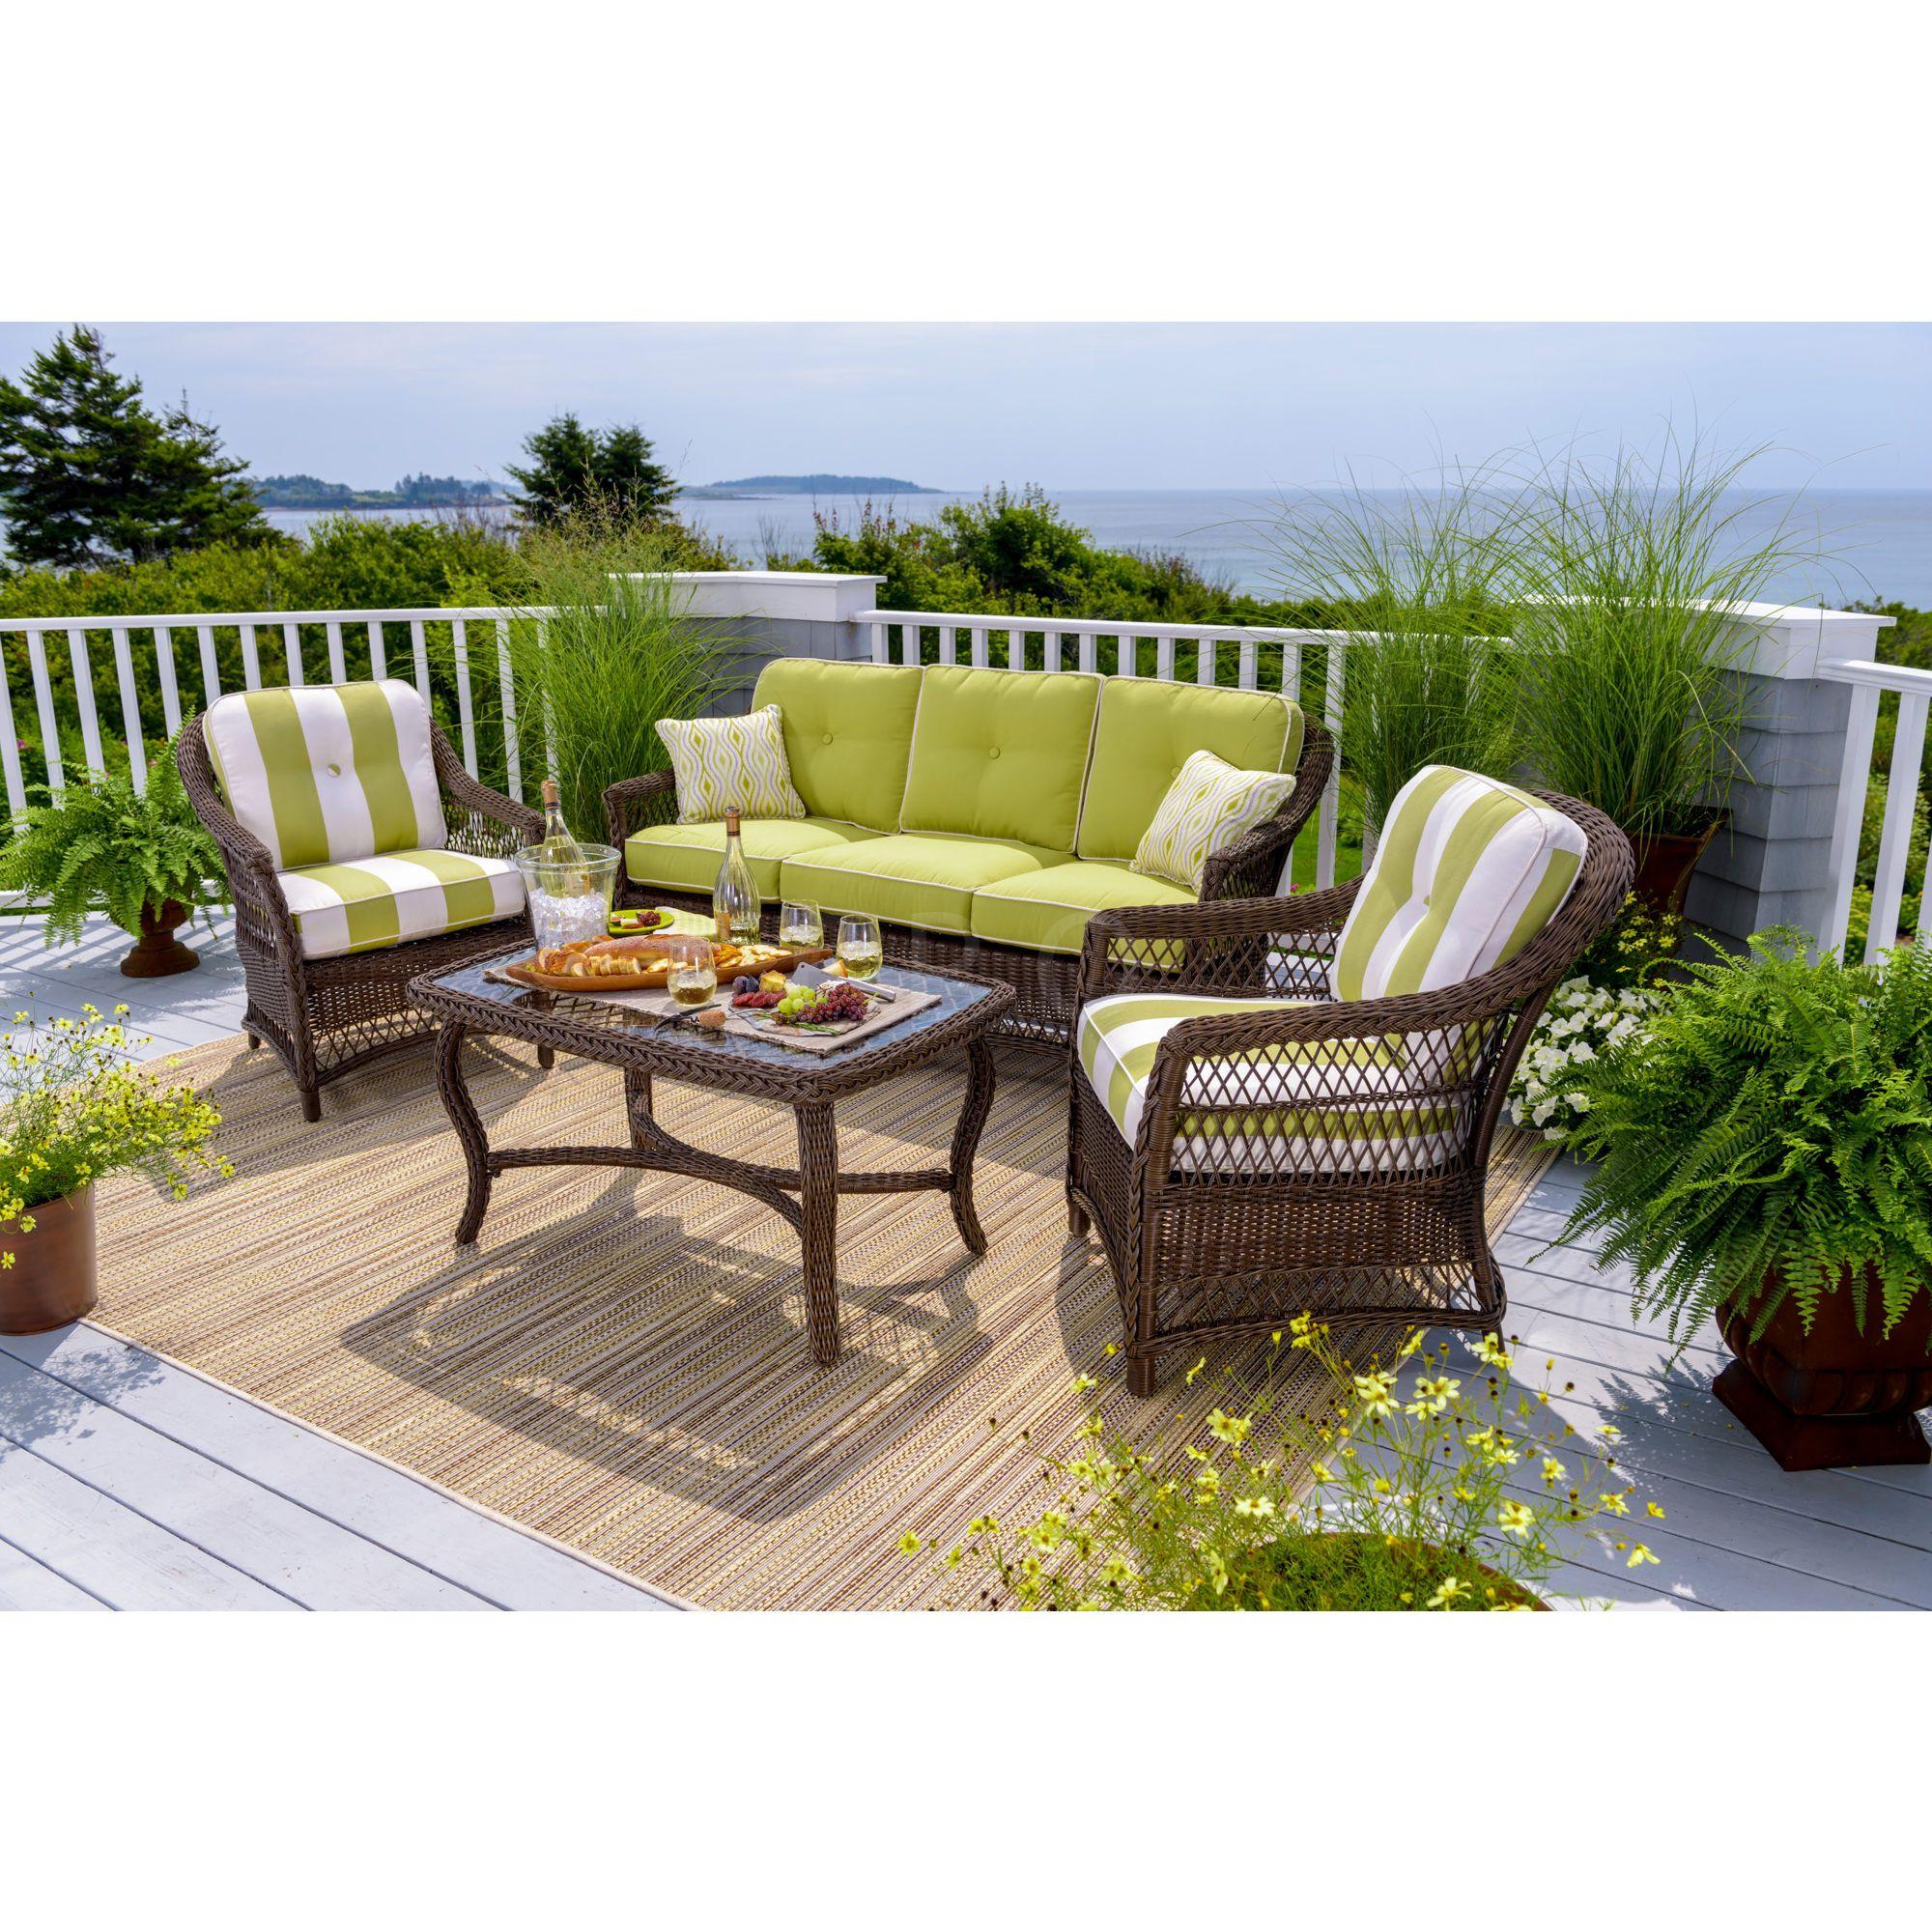 Outdoor Patio Furniture Under 200: Berkley Jensen East Hampton 4-Piece Wicker Set